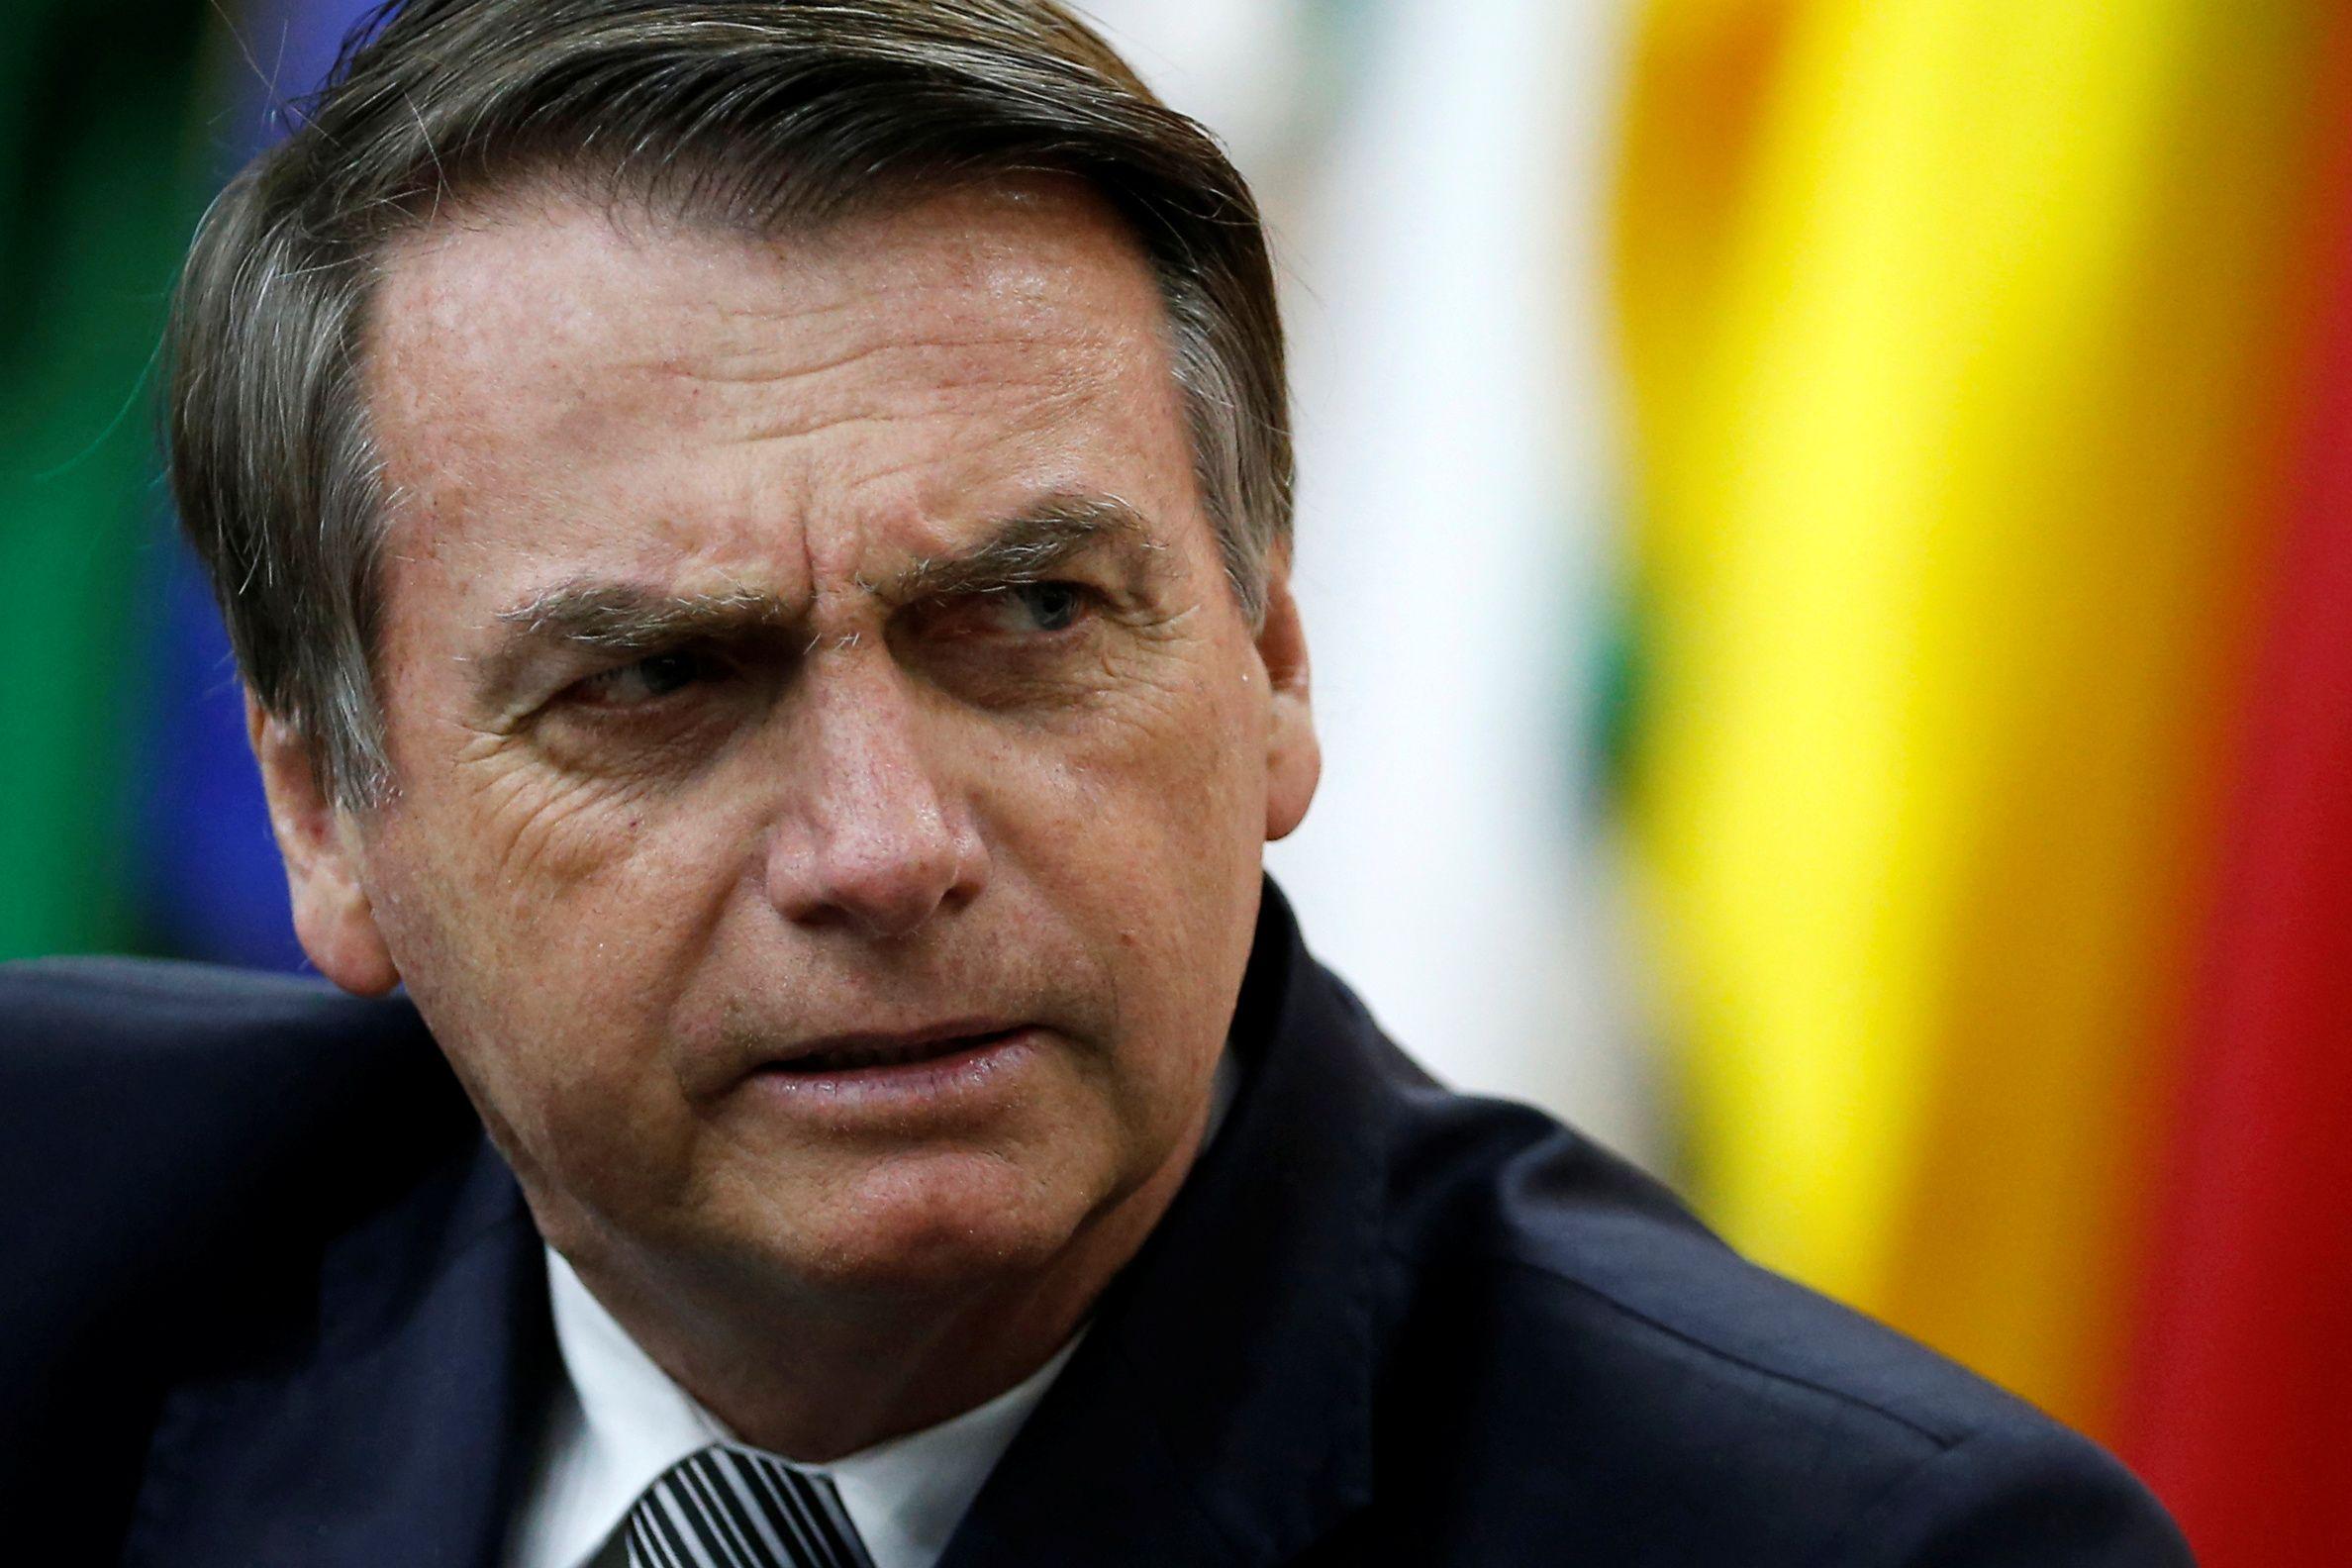 Tema corrupção perde espaço no Twitter de Jair Bolsonaro